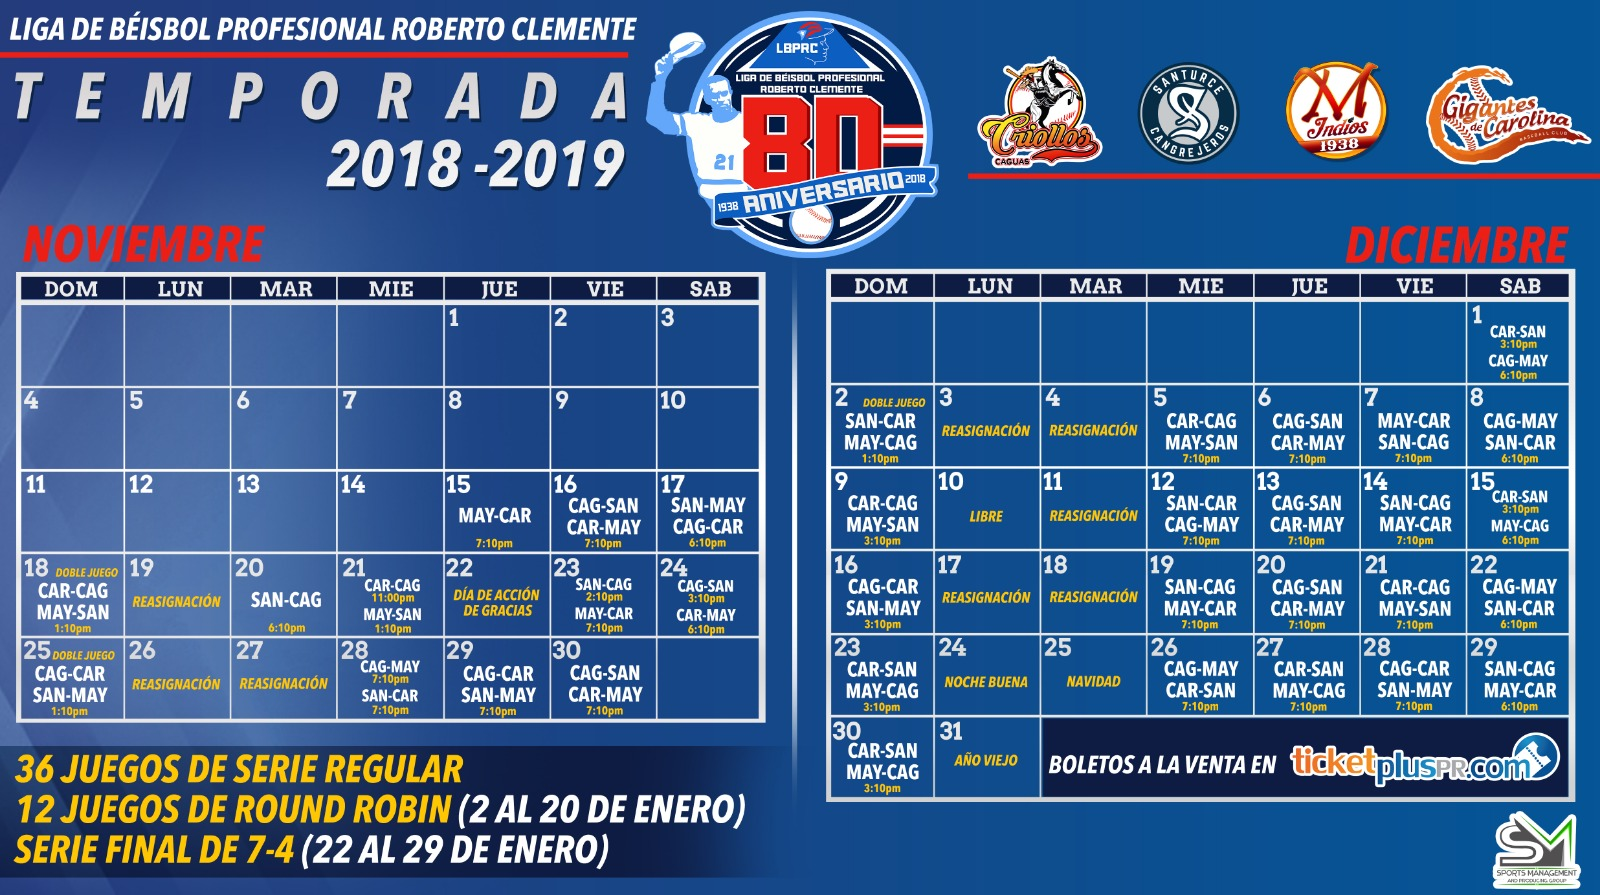 Calendario Lbprc